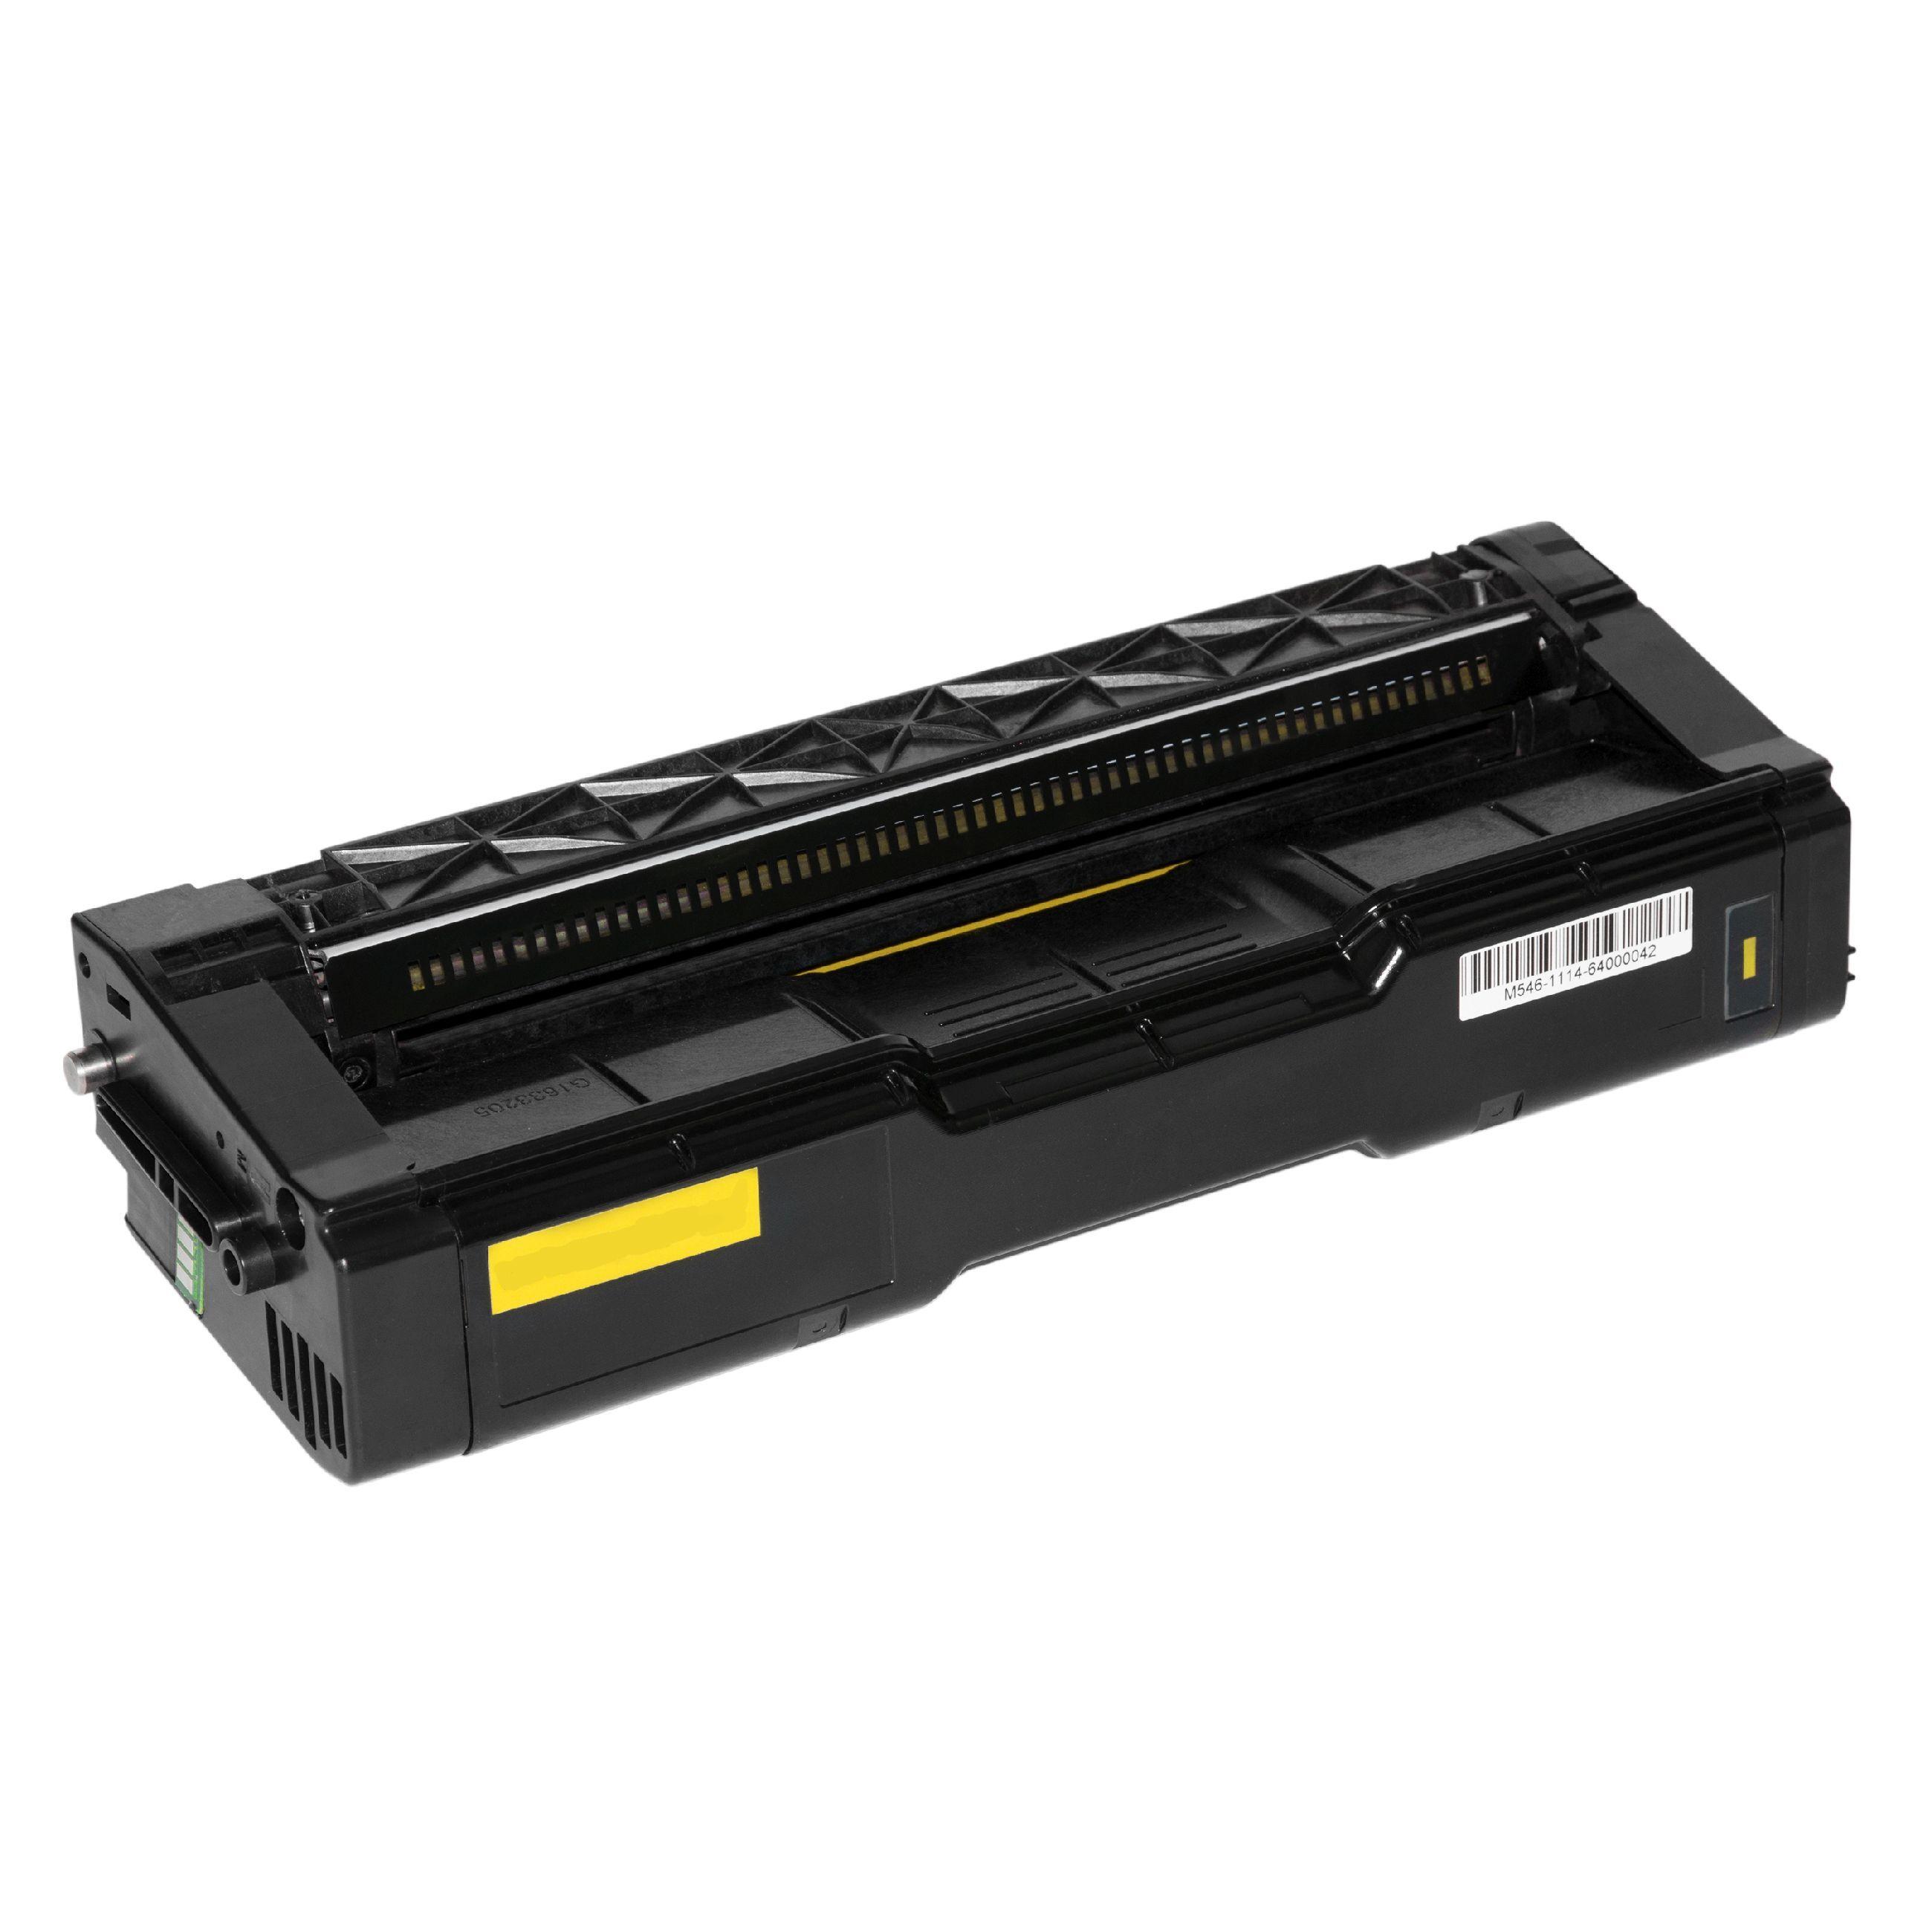 Ricoh Cartouche de Toner pour Ricoh 407719 jaune compatible (de marque ASC)